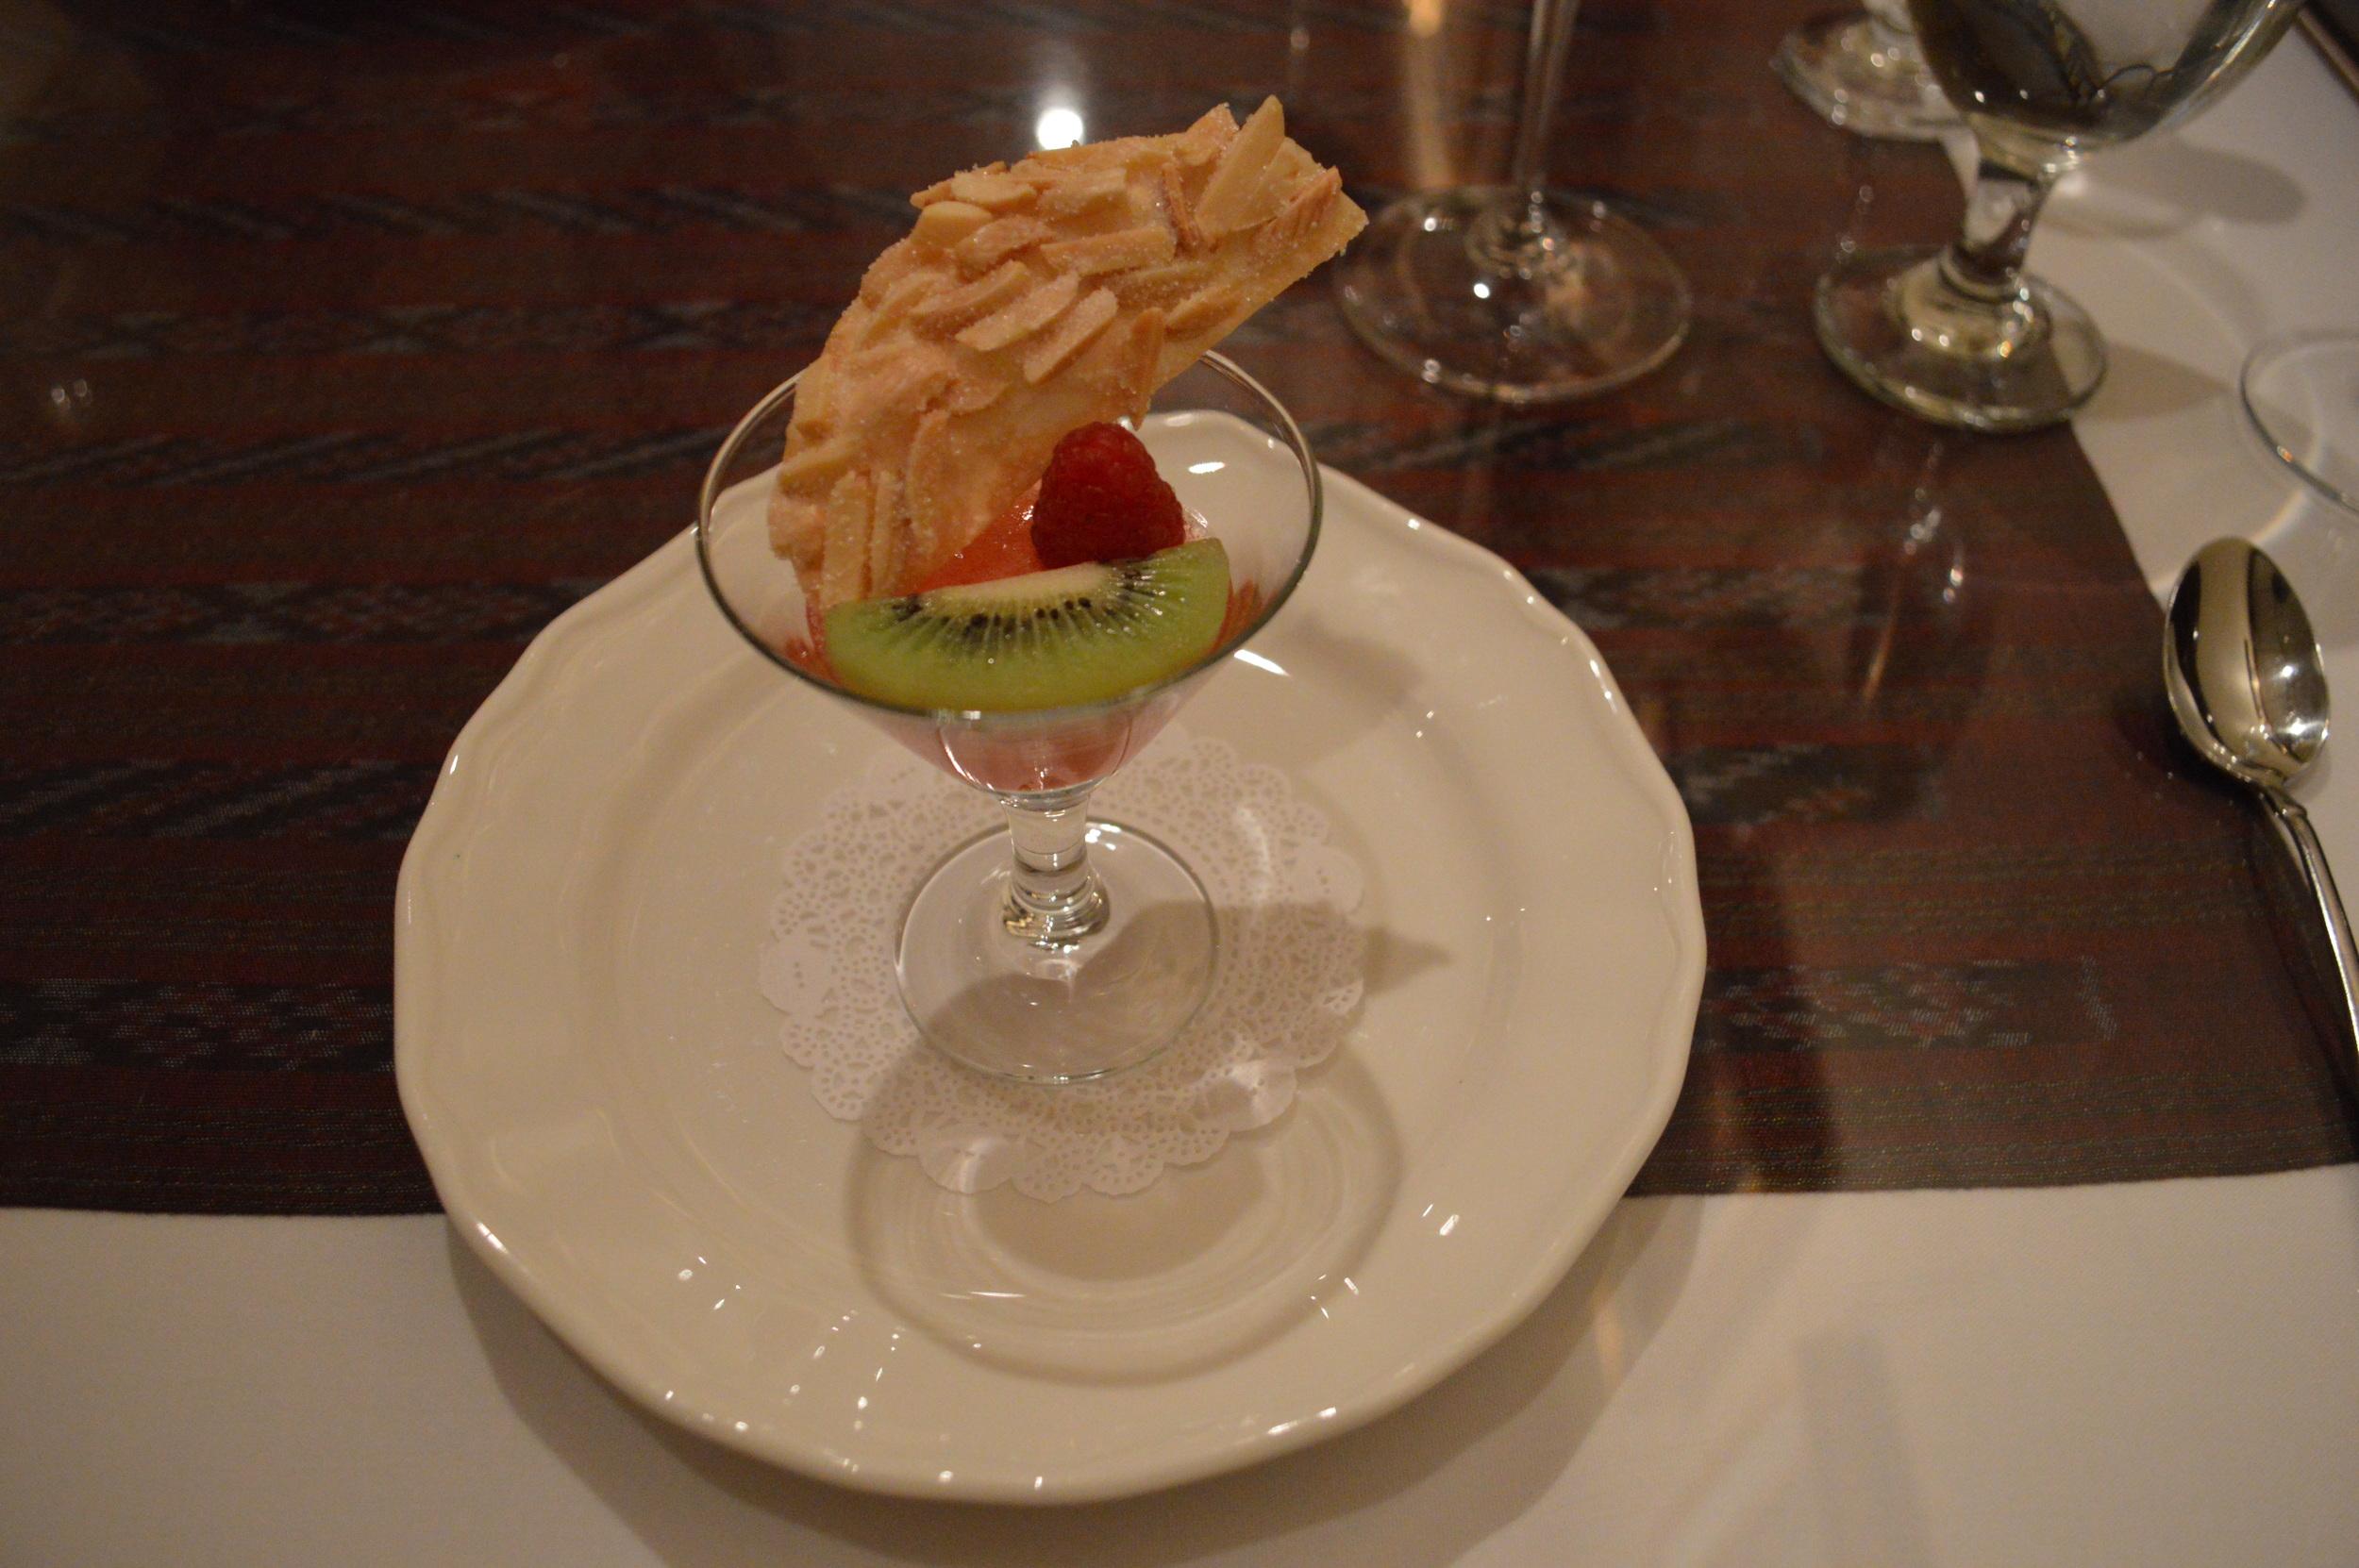 Aruns Thai Dessert